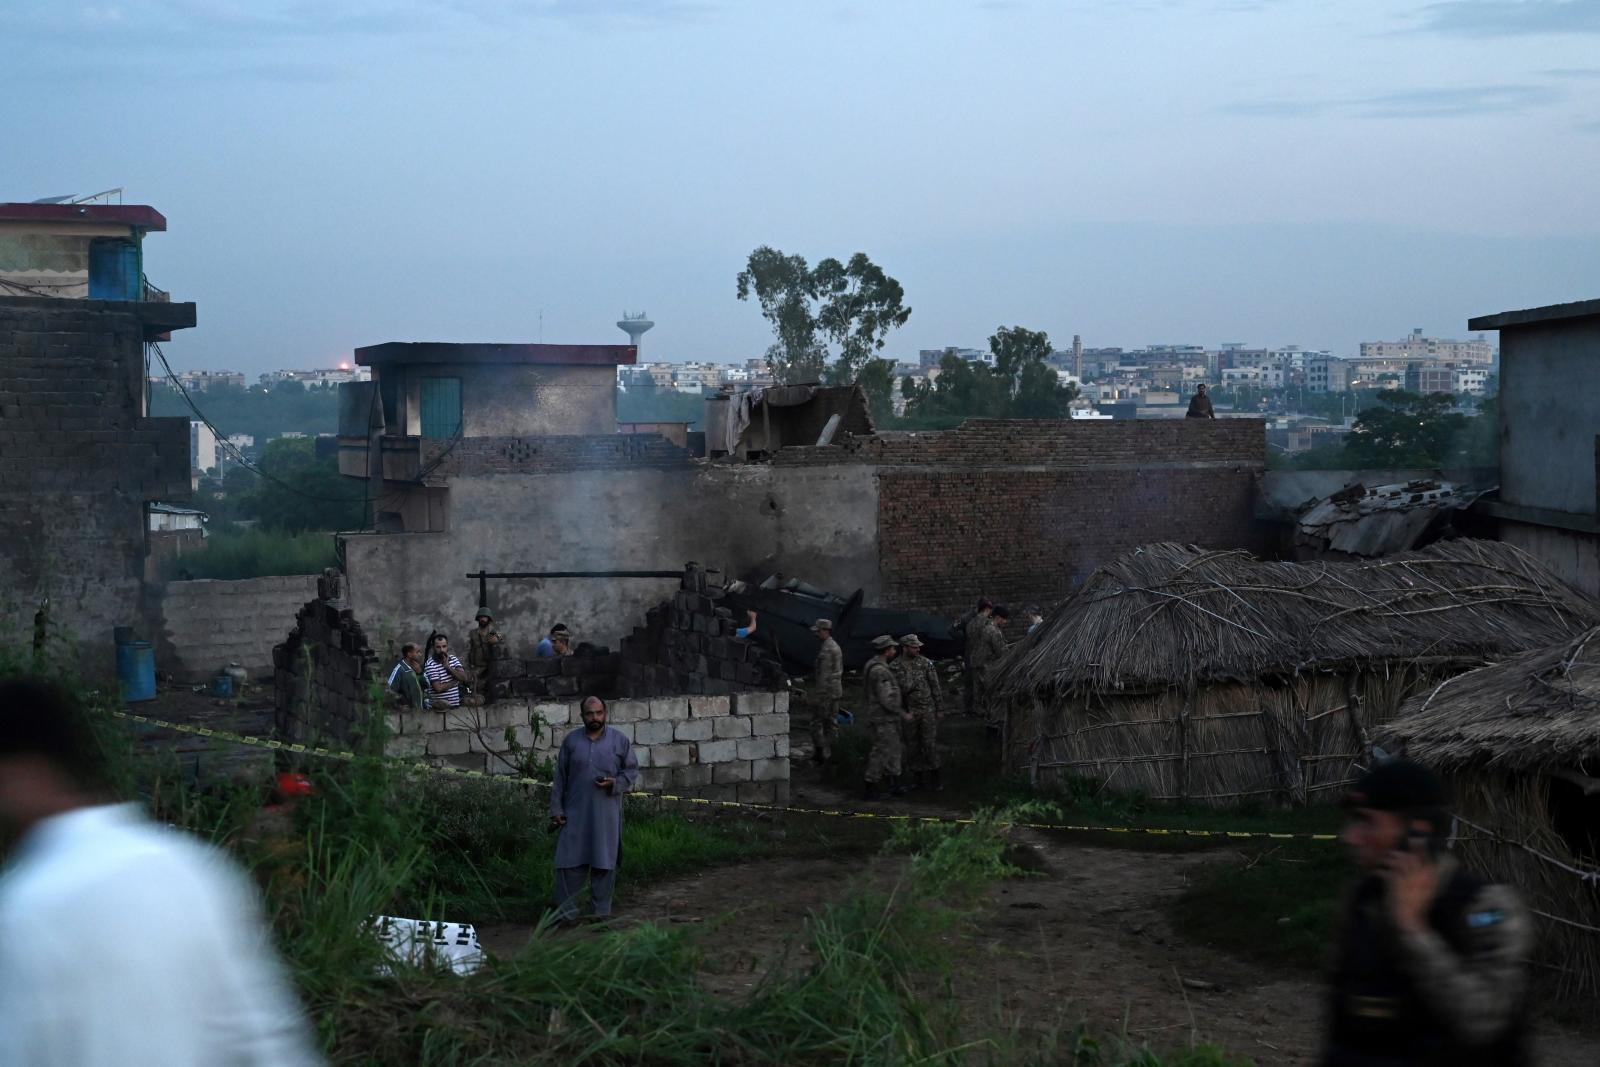 เครื่องบินทหาร ปากีสถาน ตกในเขตชุมชน  ตาย 17 พลเรือนเจ็บ 12  ราย